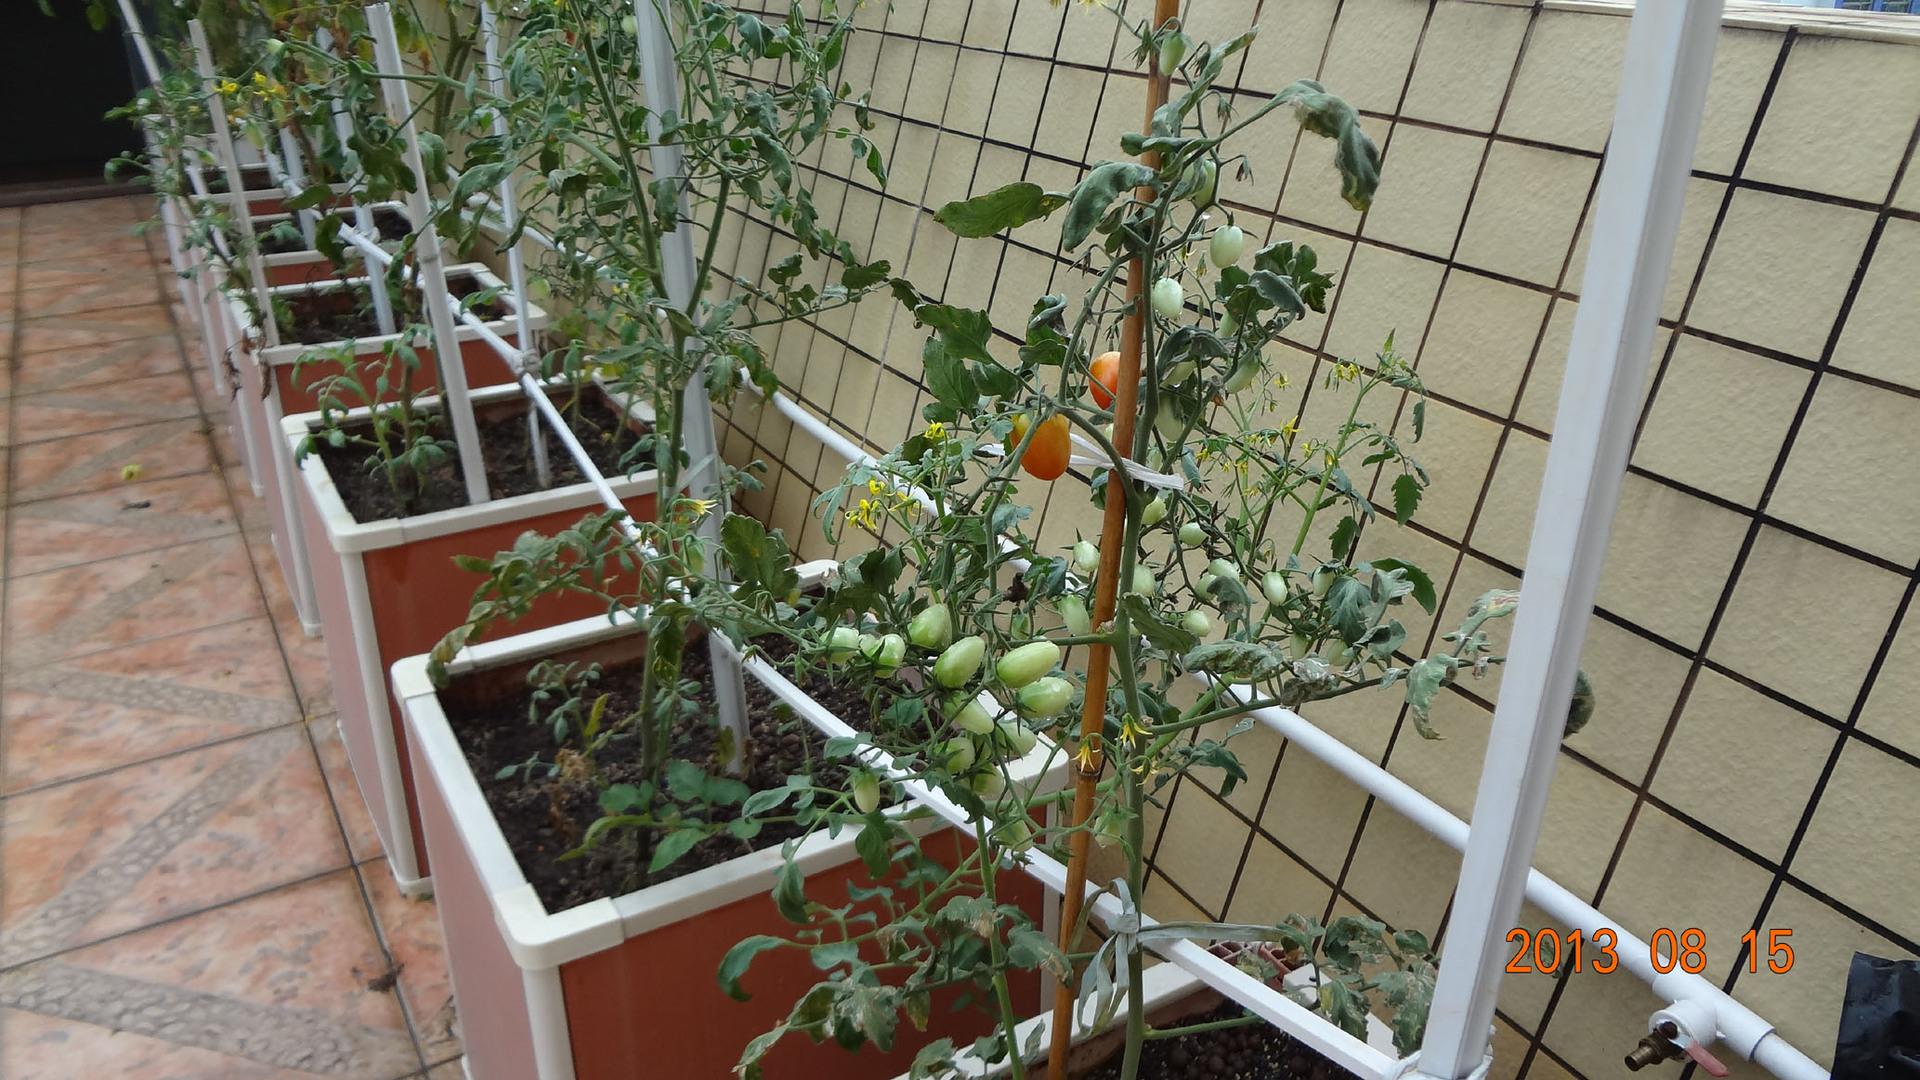 阳台种菜 屋顶种菜 致富种植箱 -价格,厂家,图片,塑料板 片 卷 ,东图片